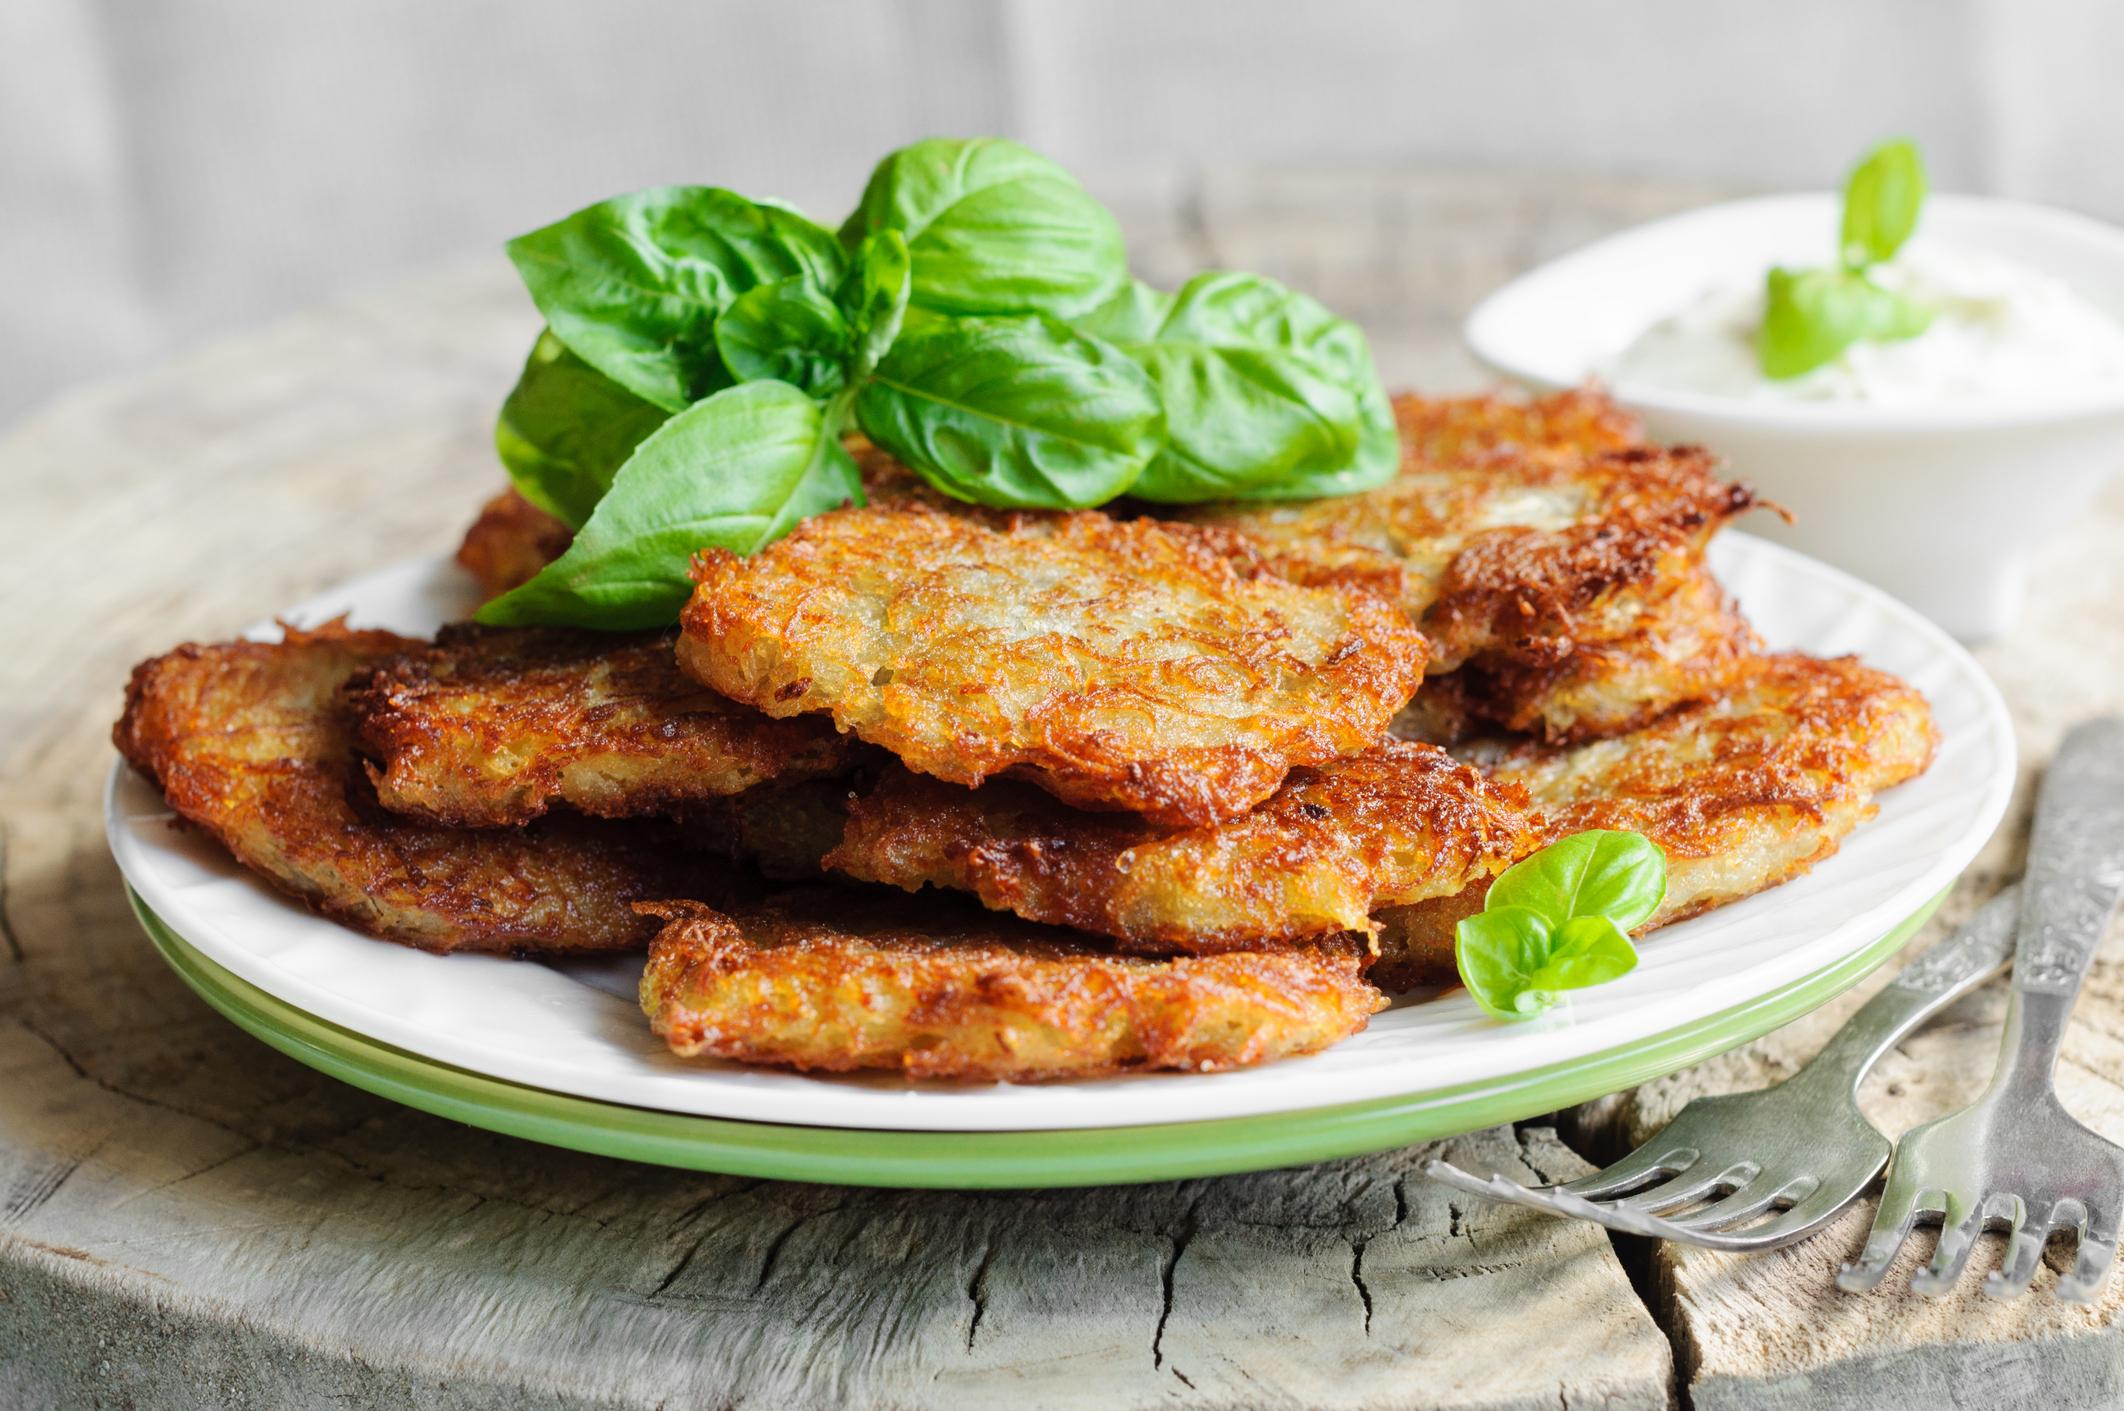 Zdravý recept na zemiakové placky. Ako na to?